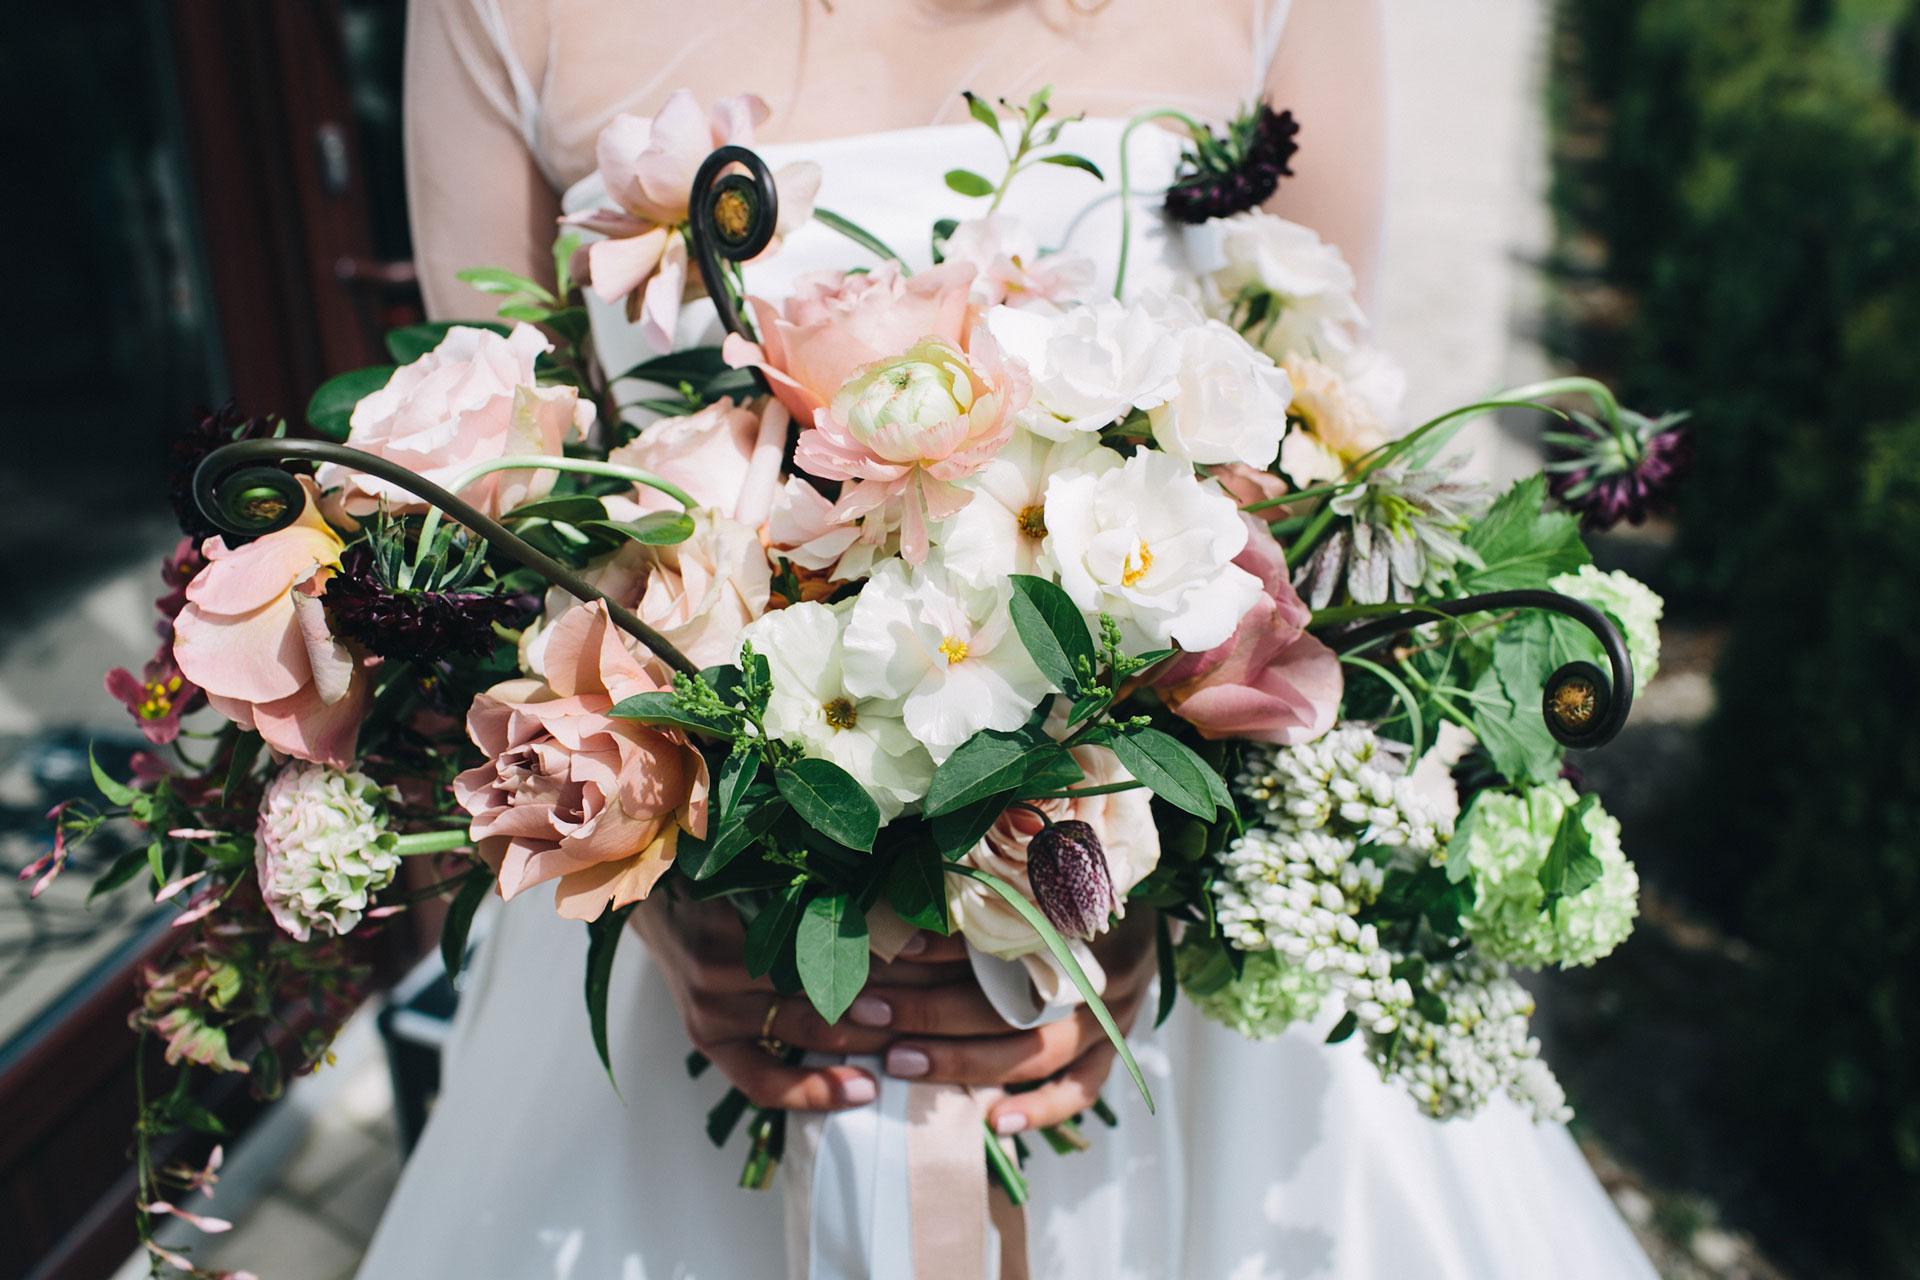 Свадебный организатор и декоратор - что нужно знать